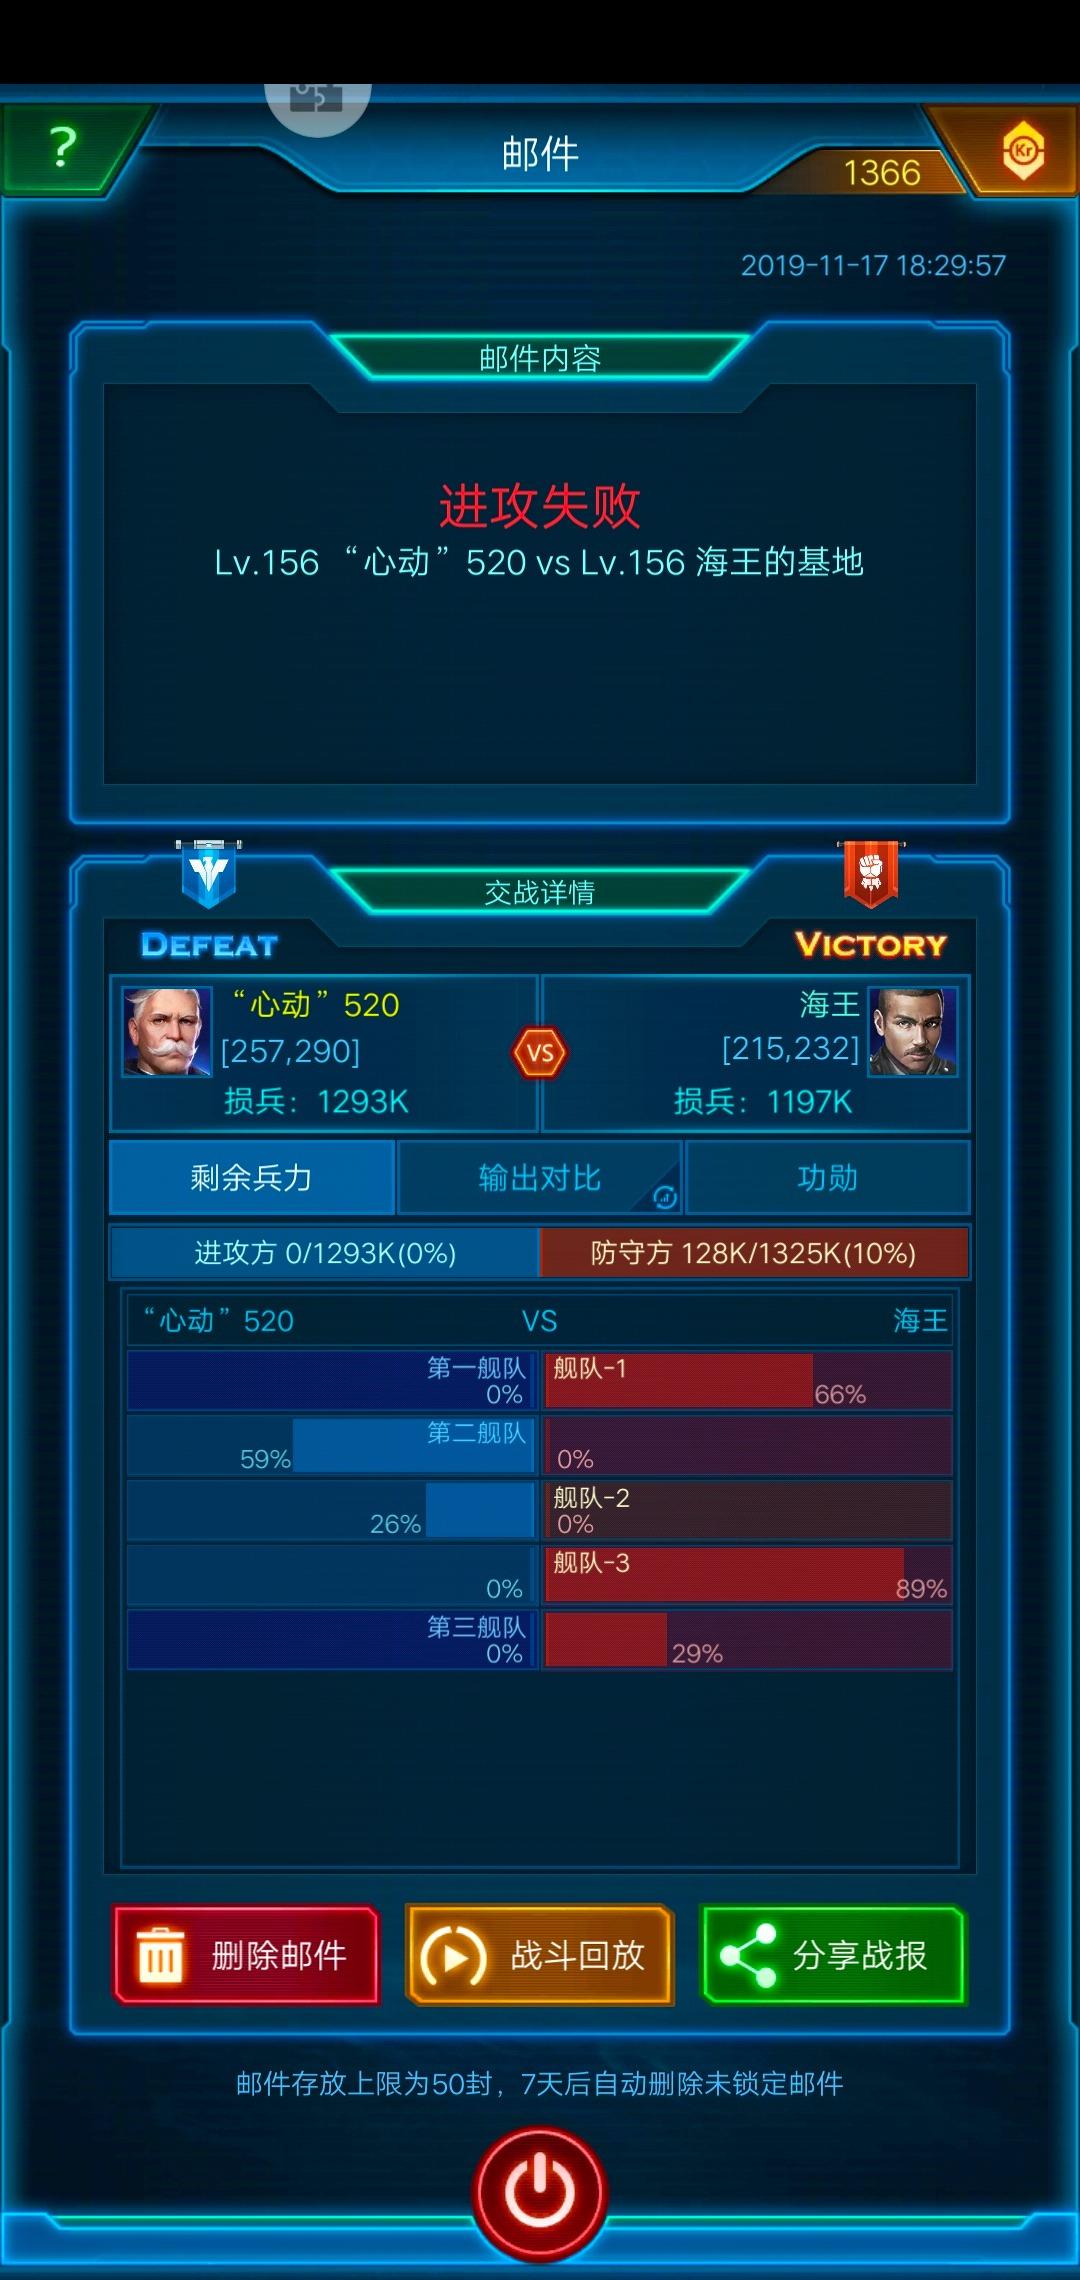 Screenshot_20191117_183855.jpg